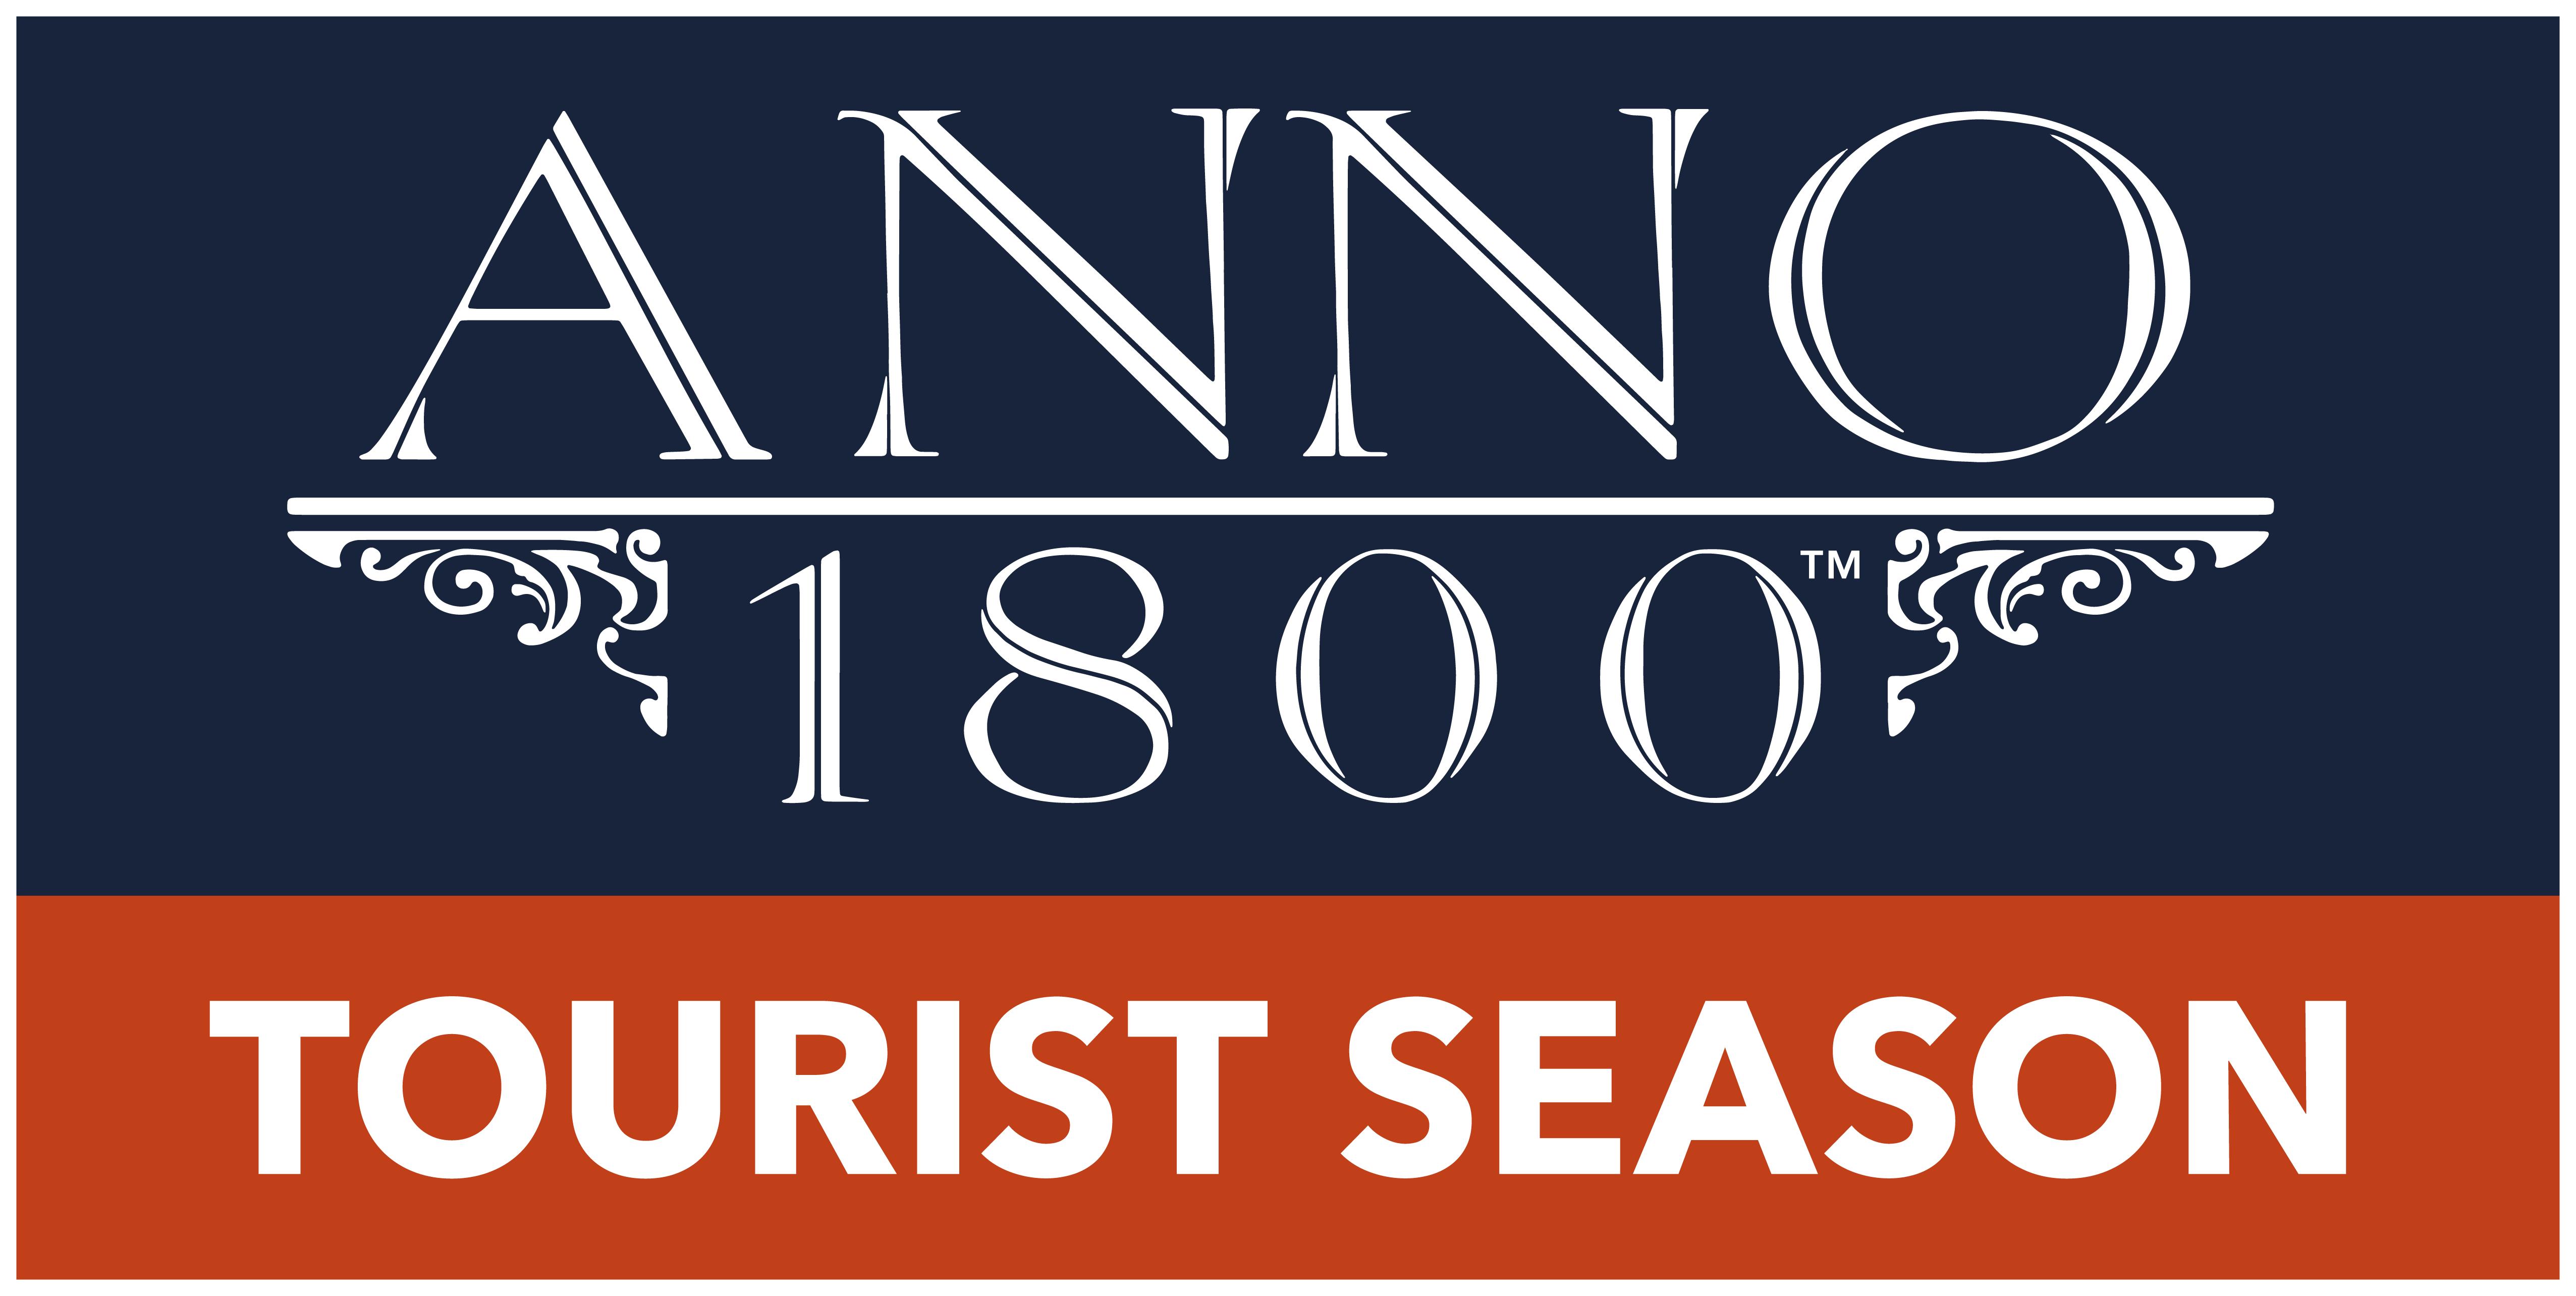 Anno 1800 recibe nuevo contenido descargable llamado Tourist Season, estas son todas las novedades!